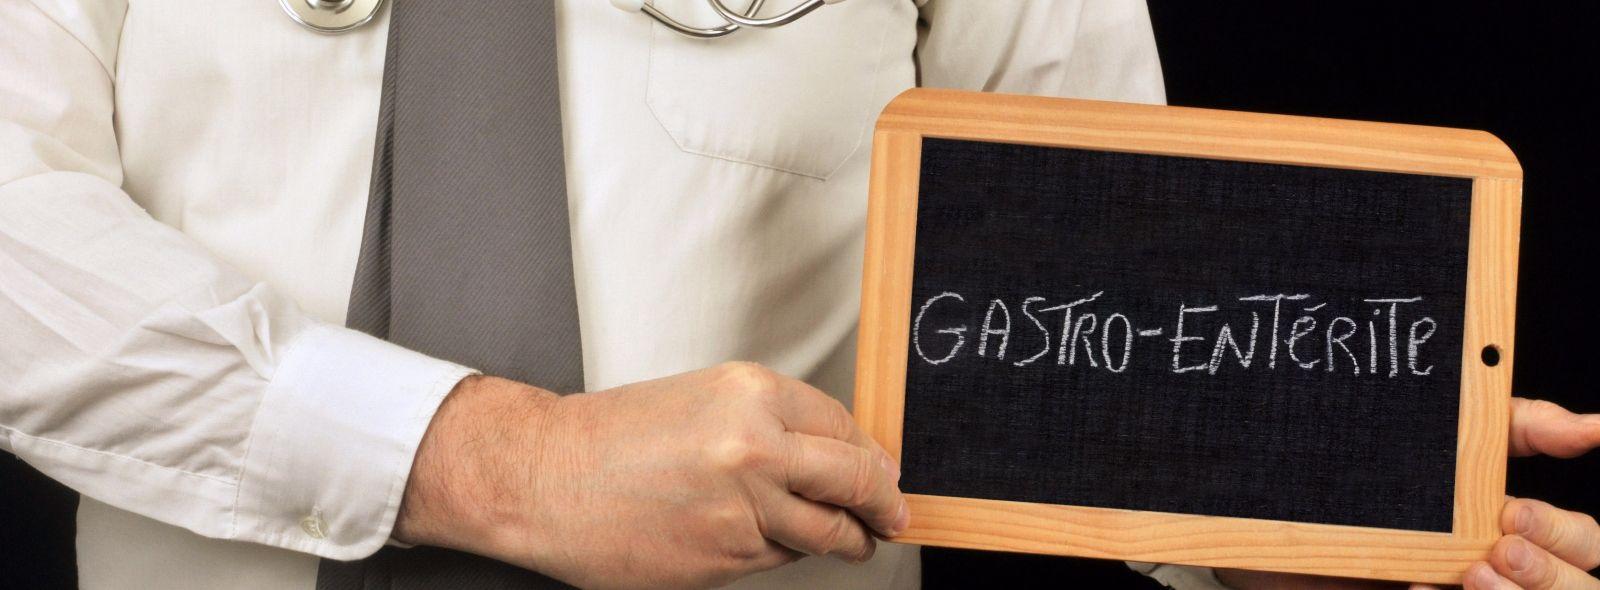 Gastroenterite cronica: sintomi e cura